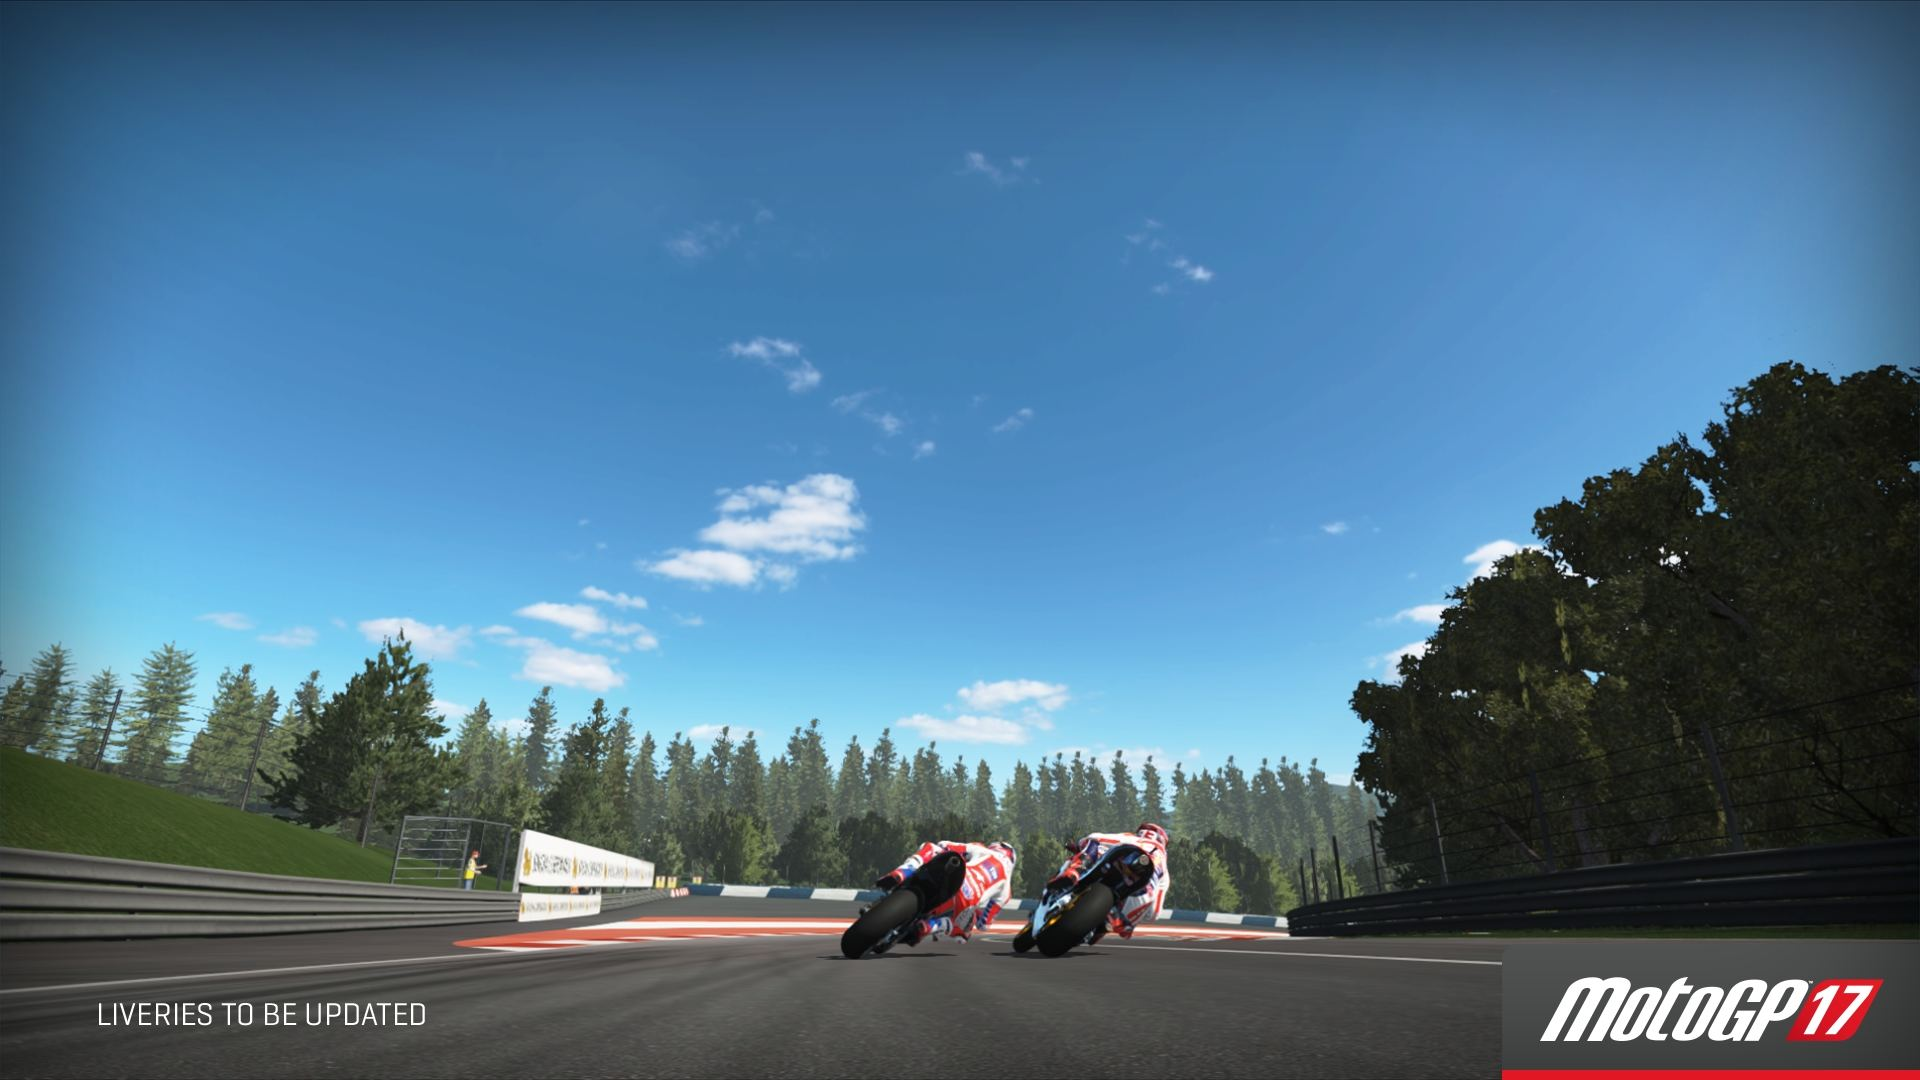 MotoGP 17 - Bild 11 | playm.de